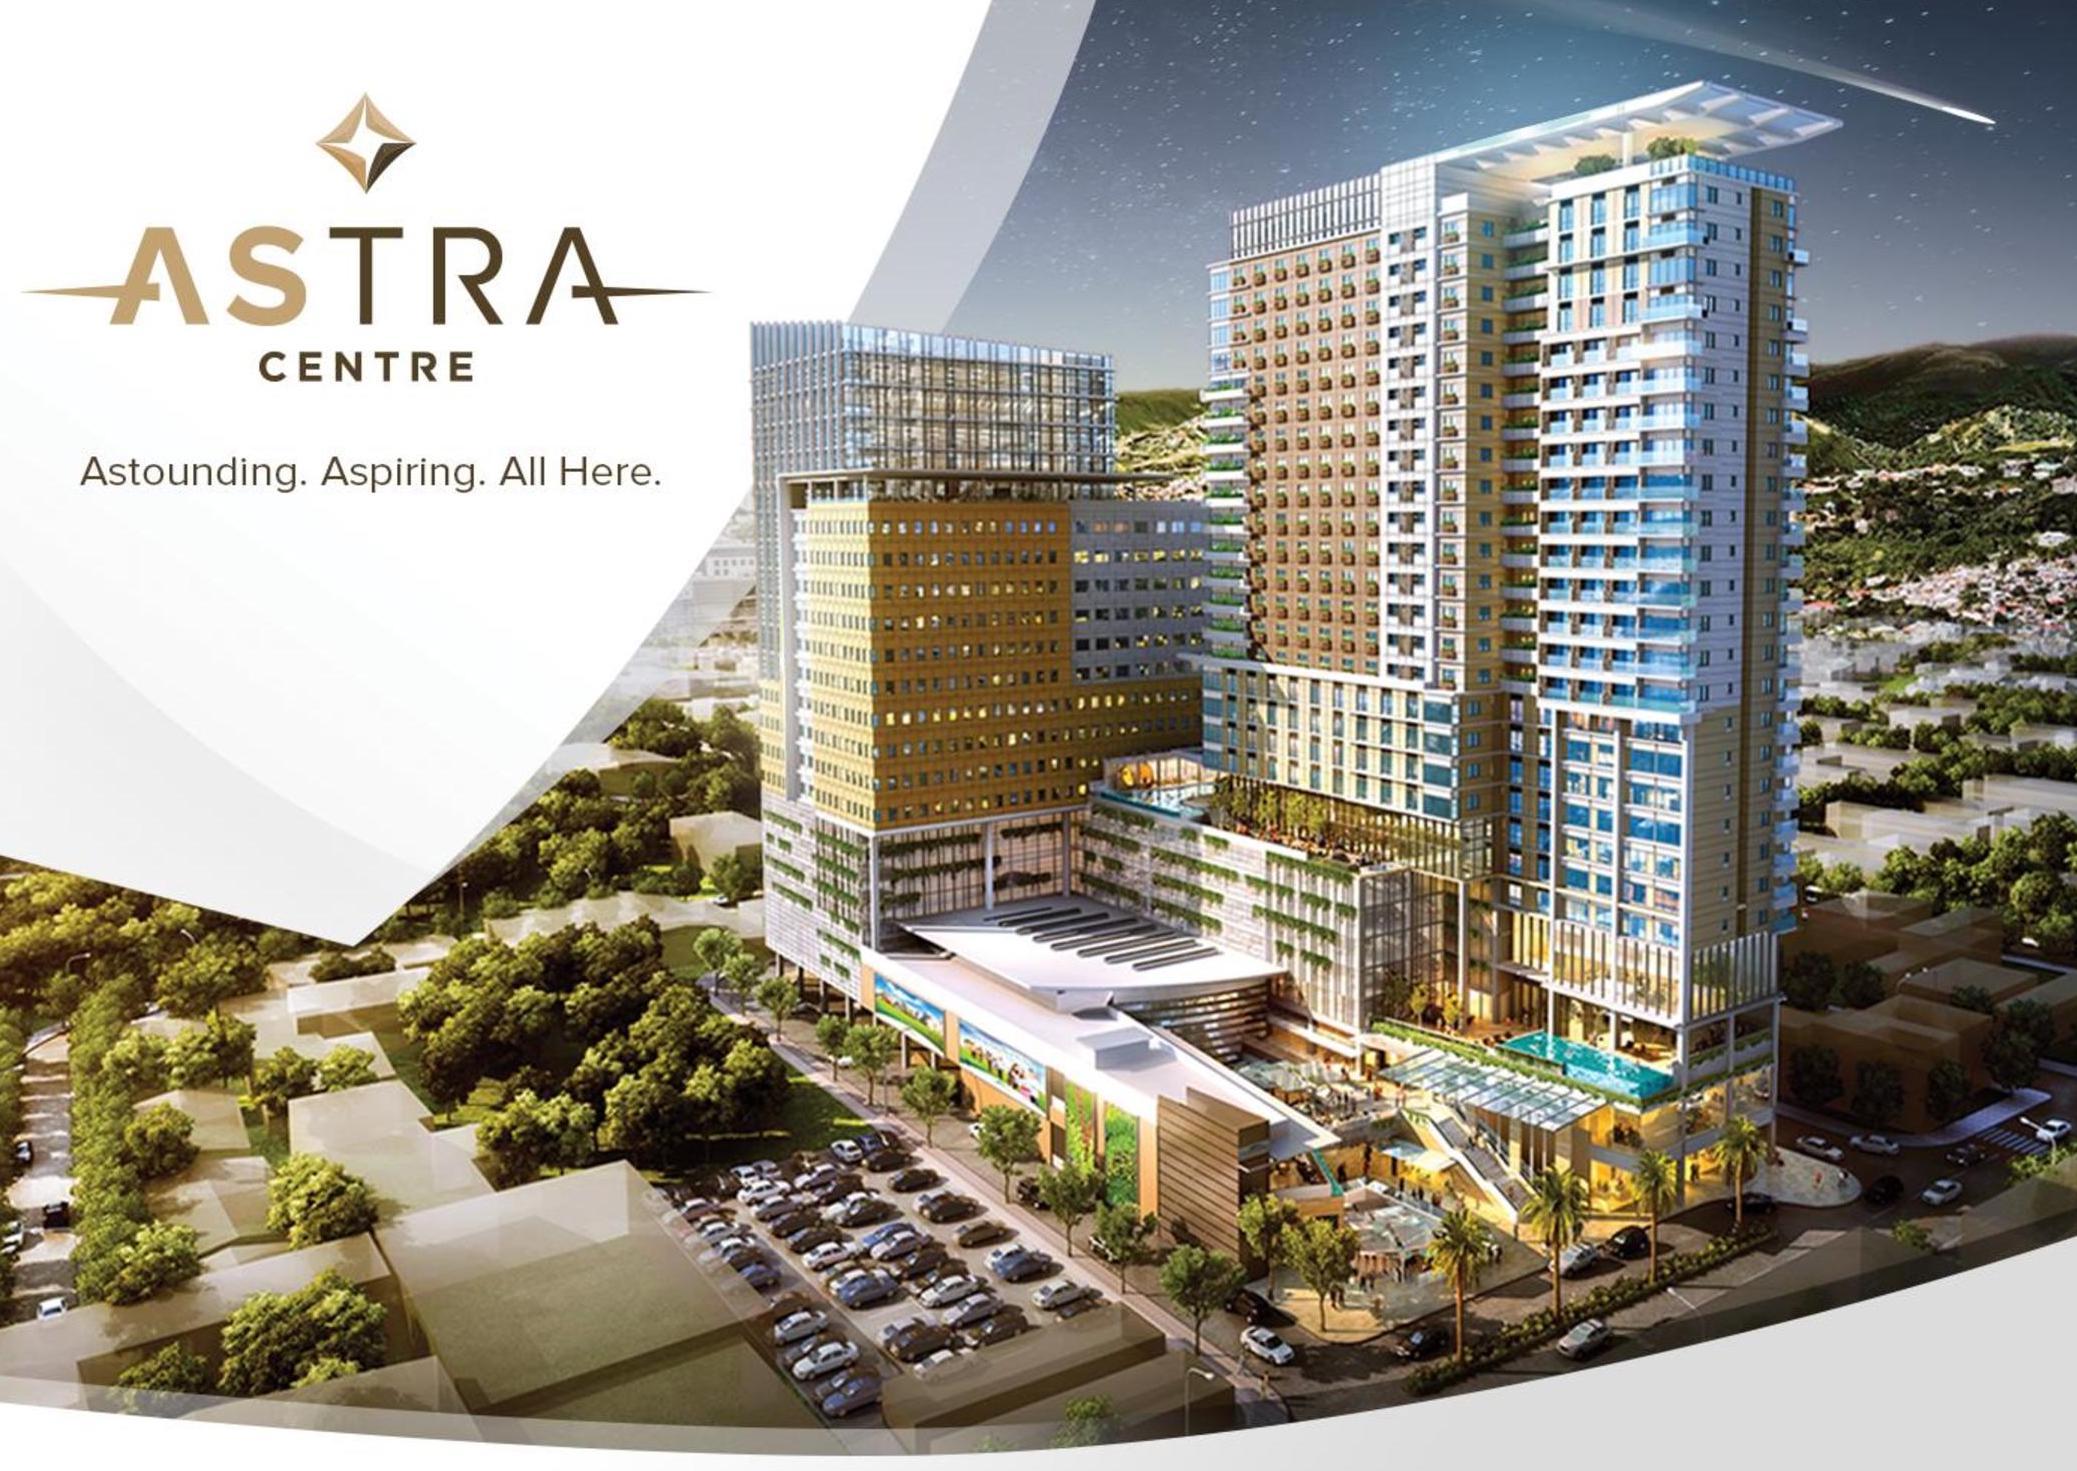 ASTRA CENTRE PLACE AS Fortuna Mandaue City Cebu